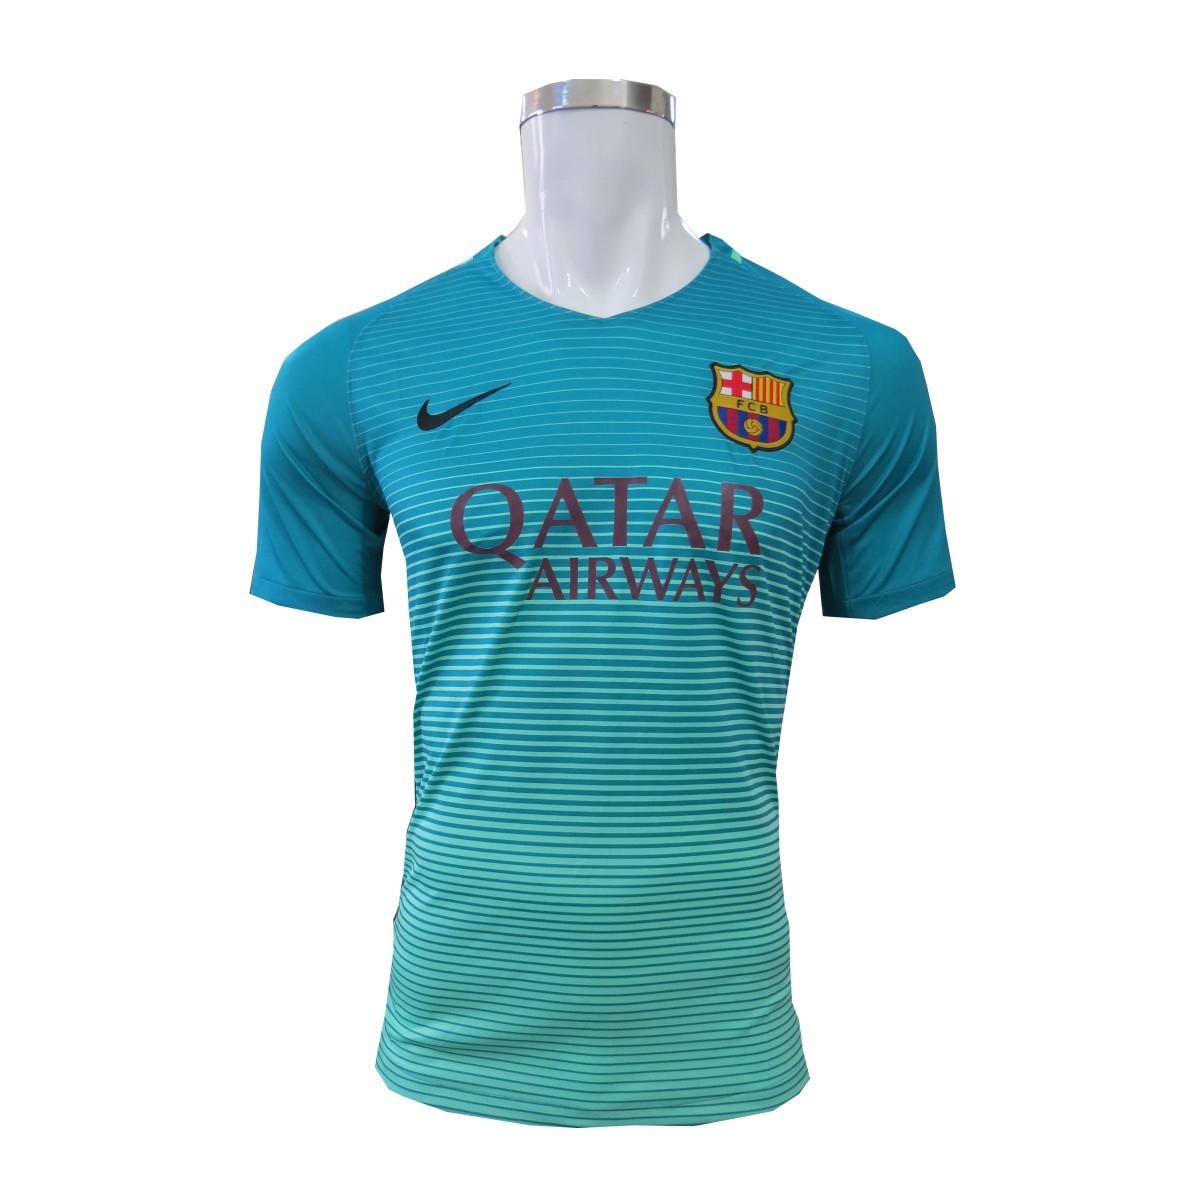 پیراهن سوم بارسلونا 16/17 اورجینال درجه 1 تایلندی